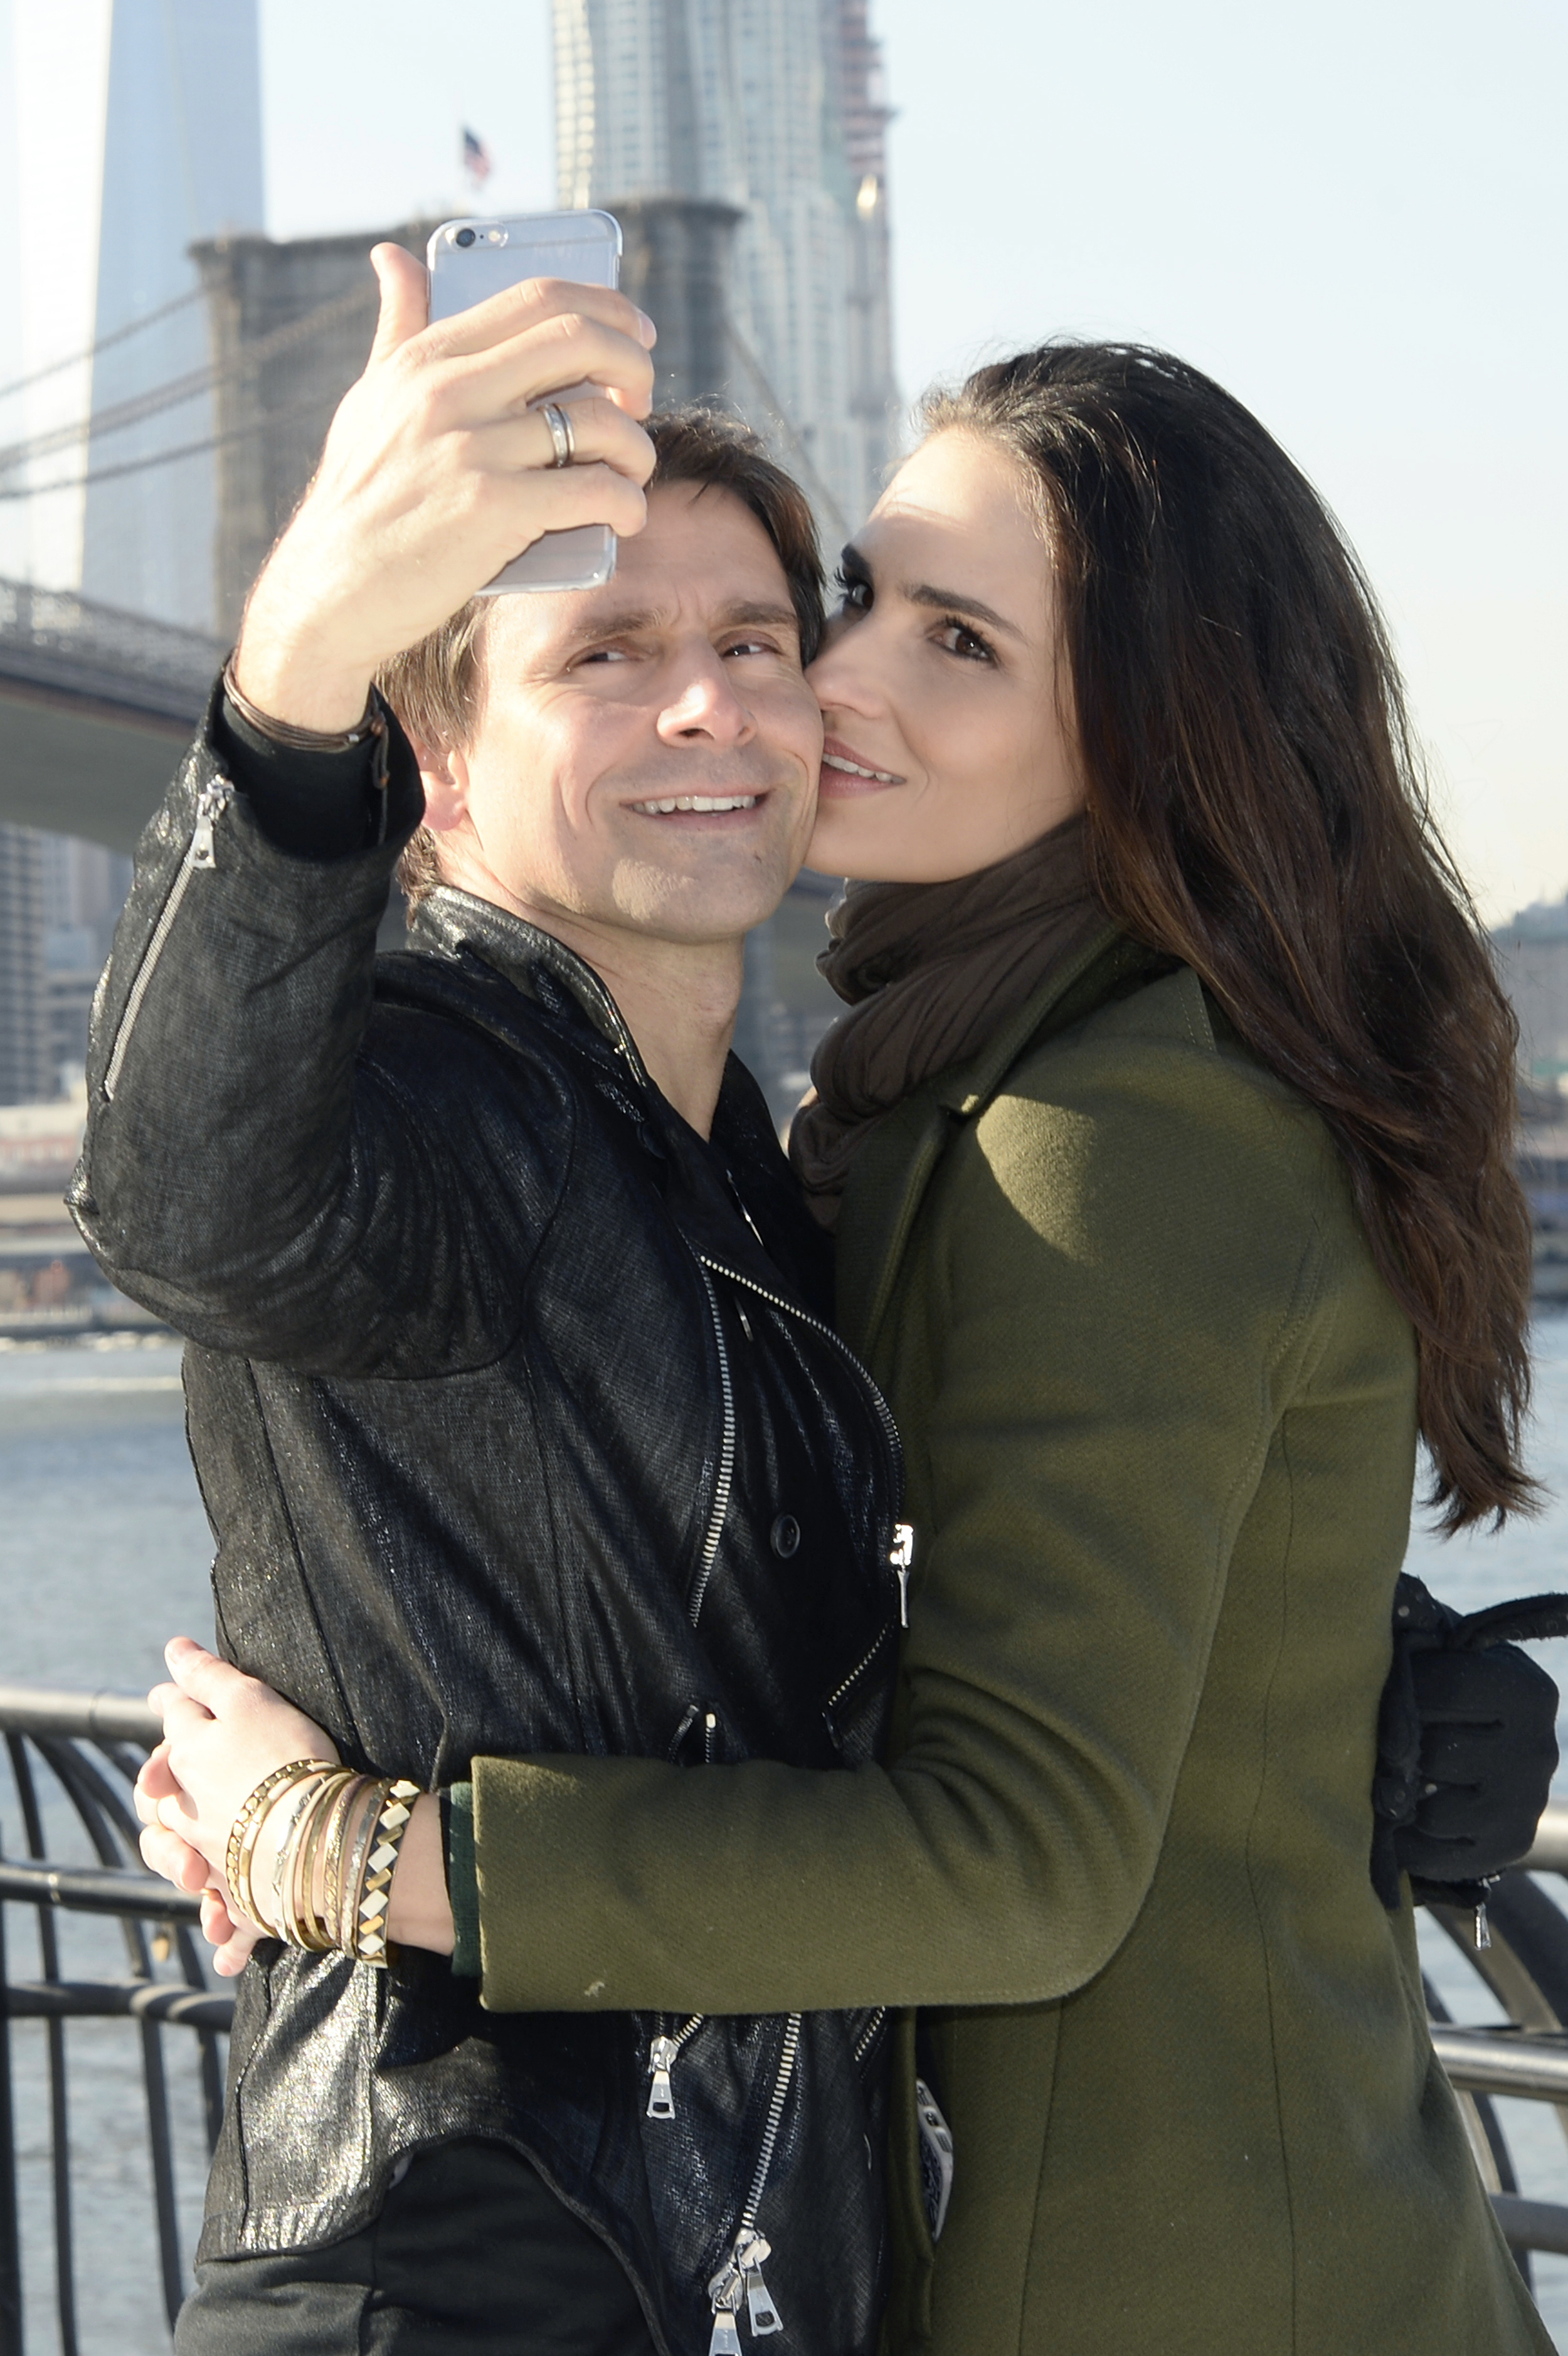 Fernanda Tavares and Murilo Rosa QUEM ACONTECE MAGAZINE